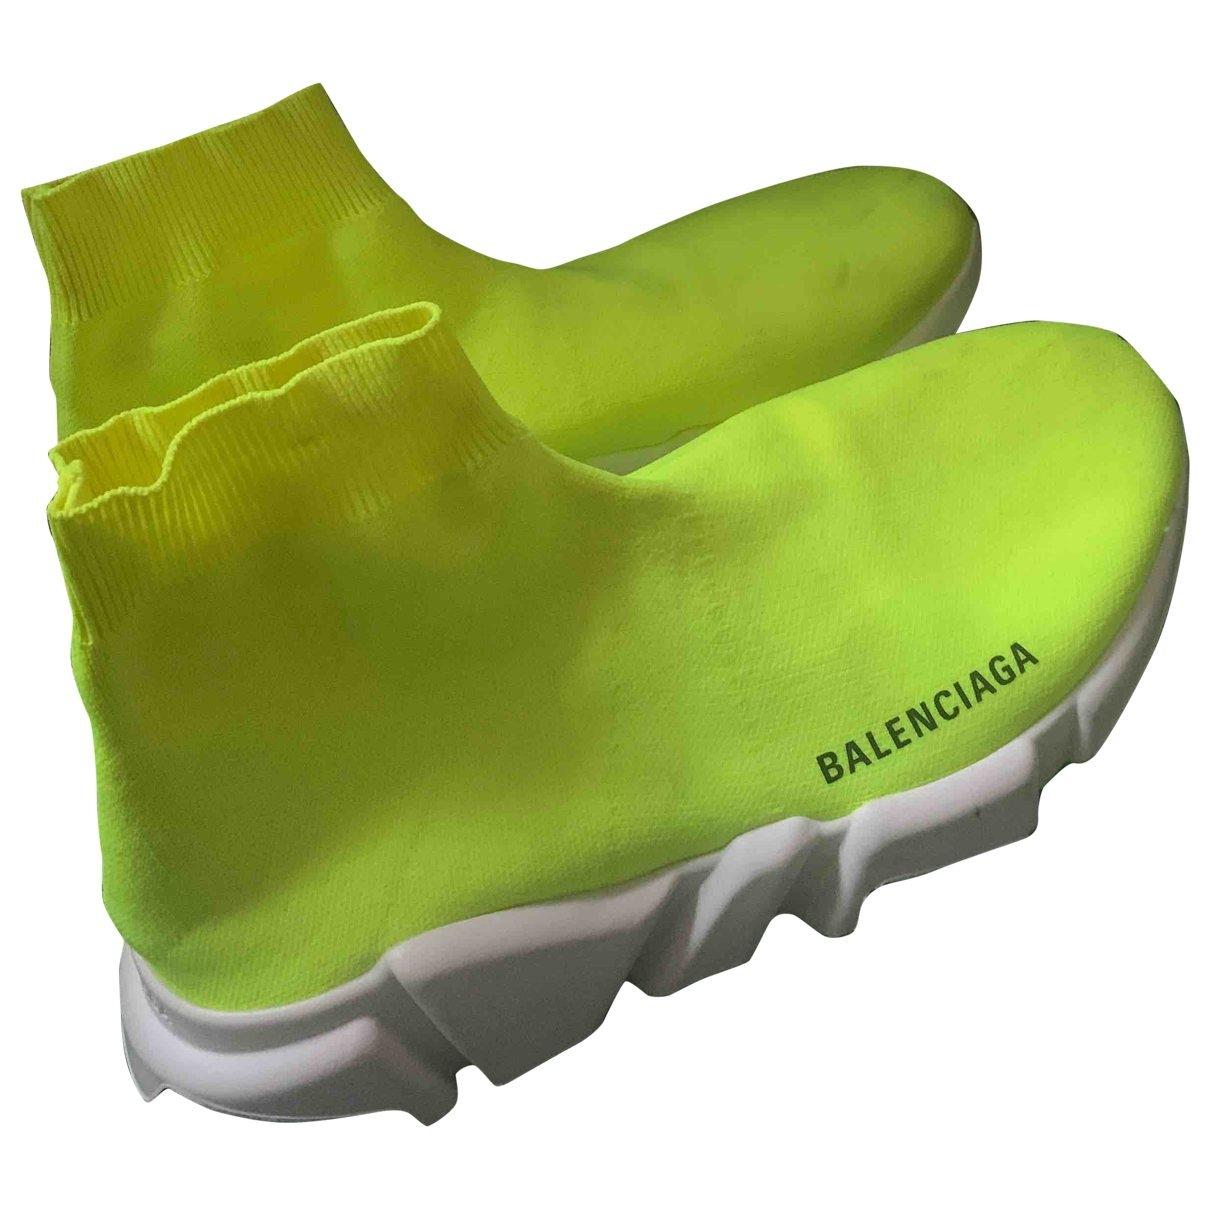 Balenciaga Speed Yellow Trainers for Women 38 EU